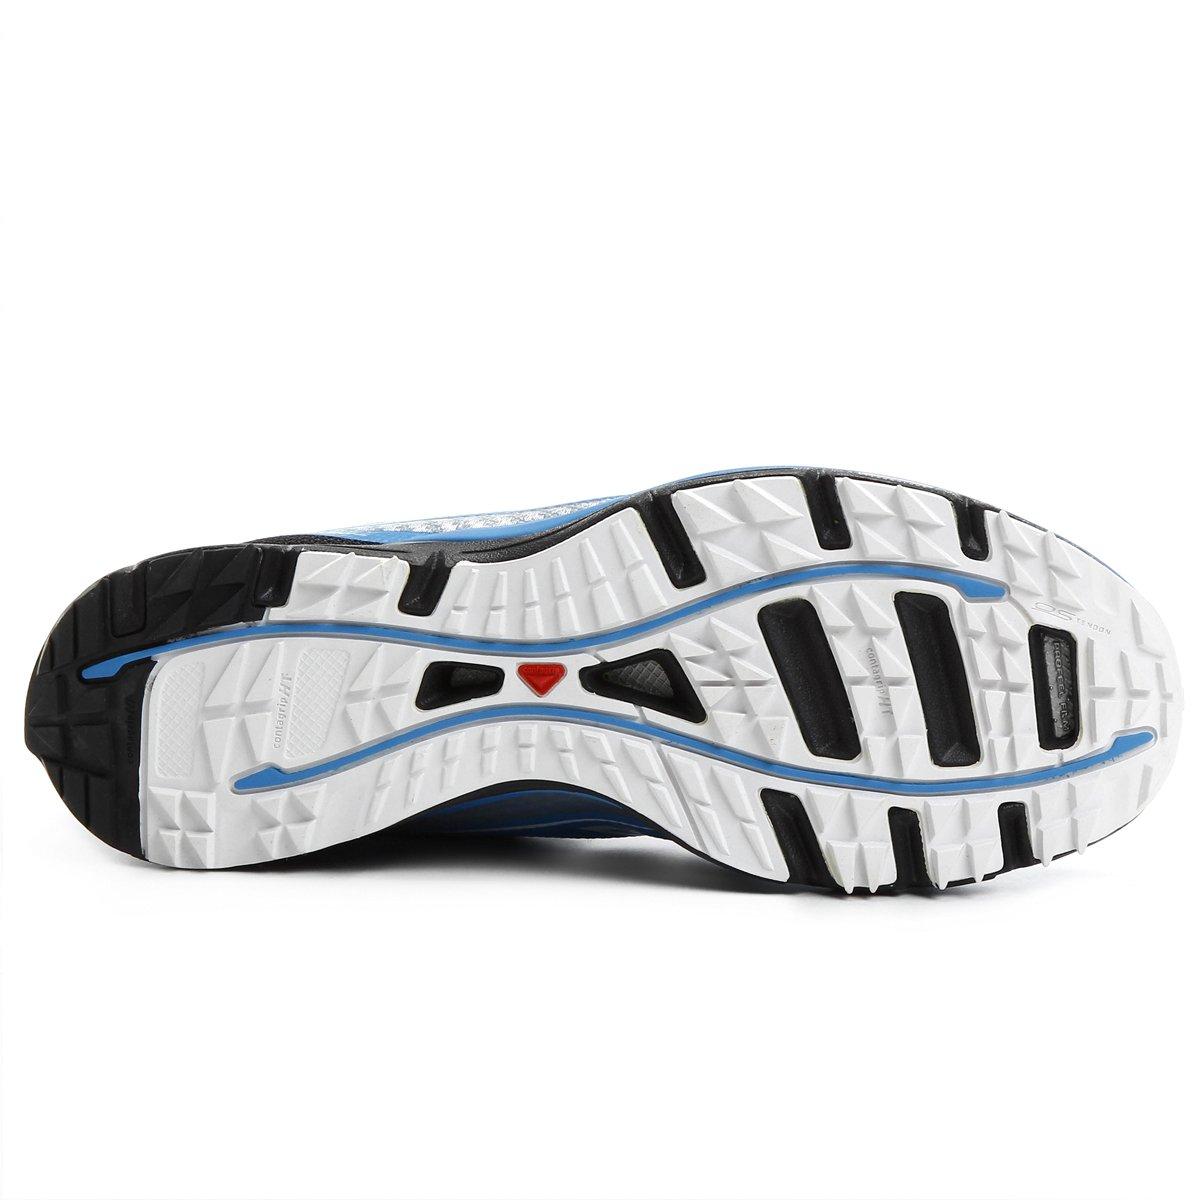 Salomon Tênis Preto e Tênis Preto Pro Salomon Azul Azul Pro Sense e Claro Sense Claro rrSn4dHR